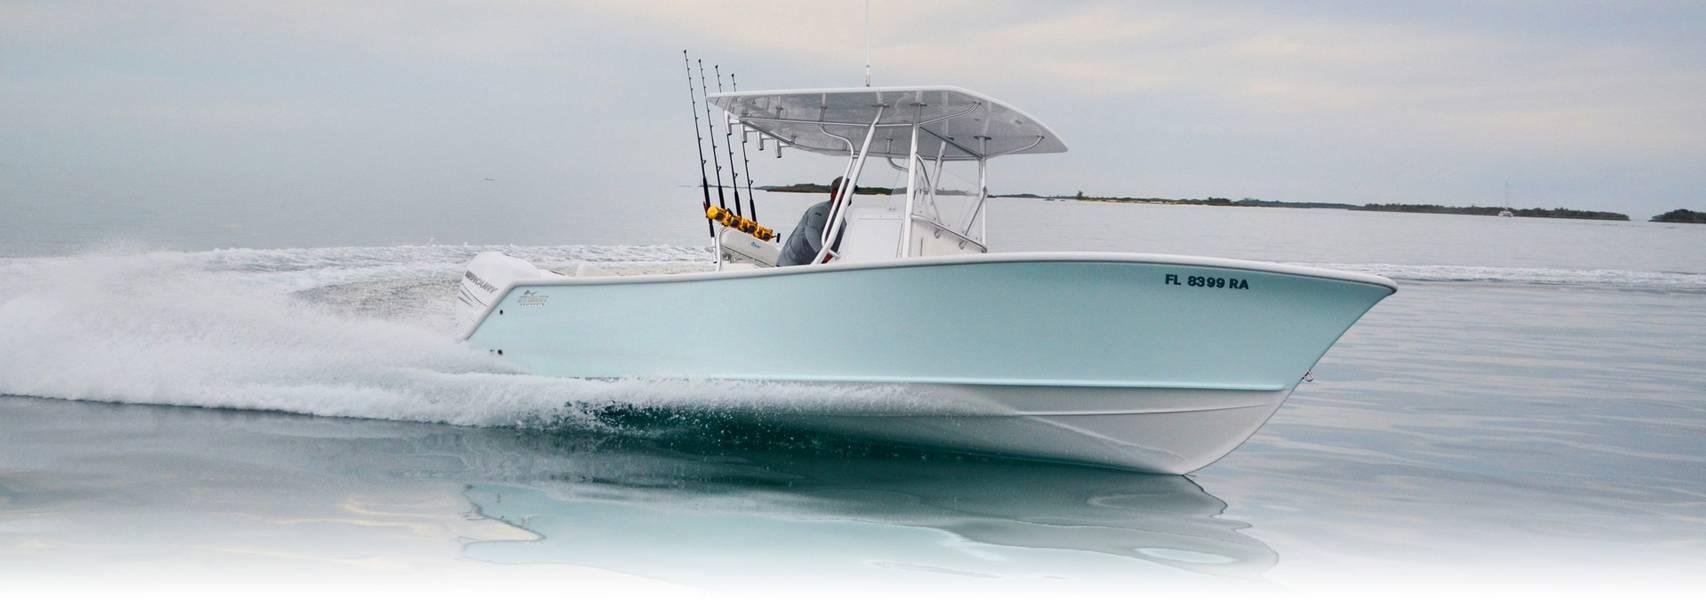 Stuart Boatworks 27 был игровым приключением для Ocean5, который впервые появился на майорской выставке в Майами в этом году. Image Courtesy Ocean 5 Naval Architects.